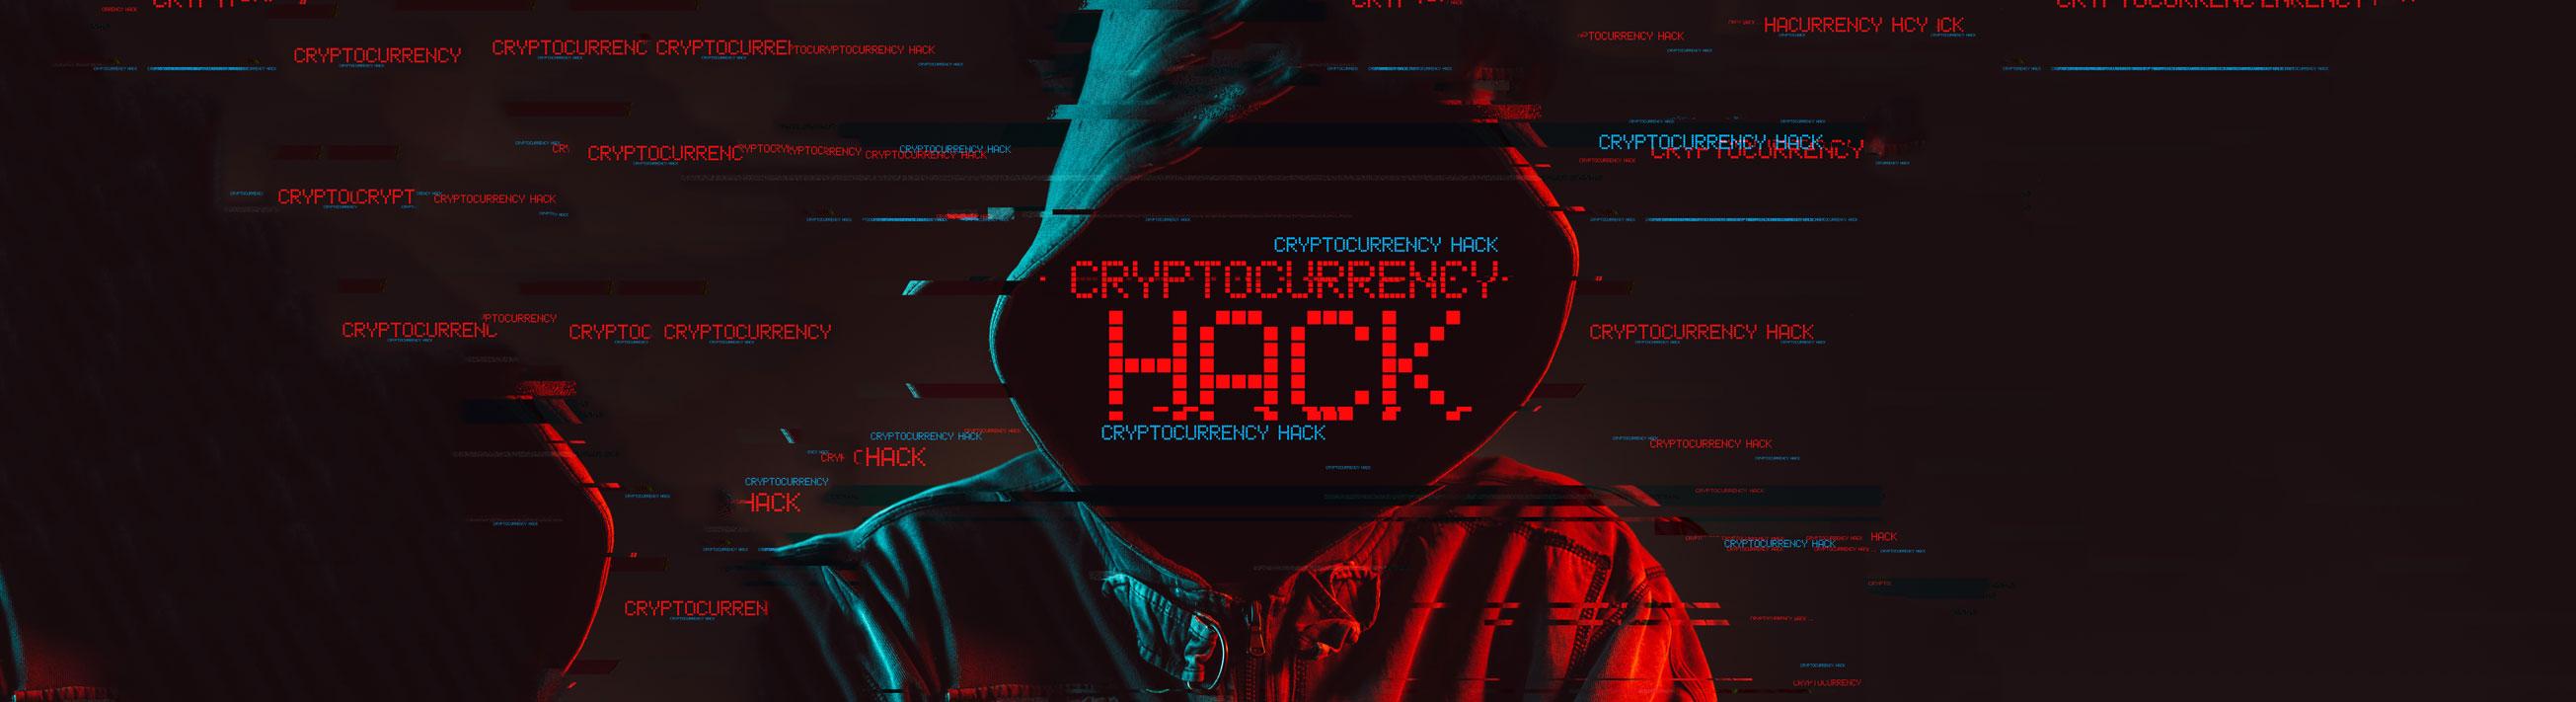 Bitcoin hack apk 2018